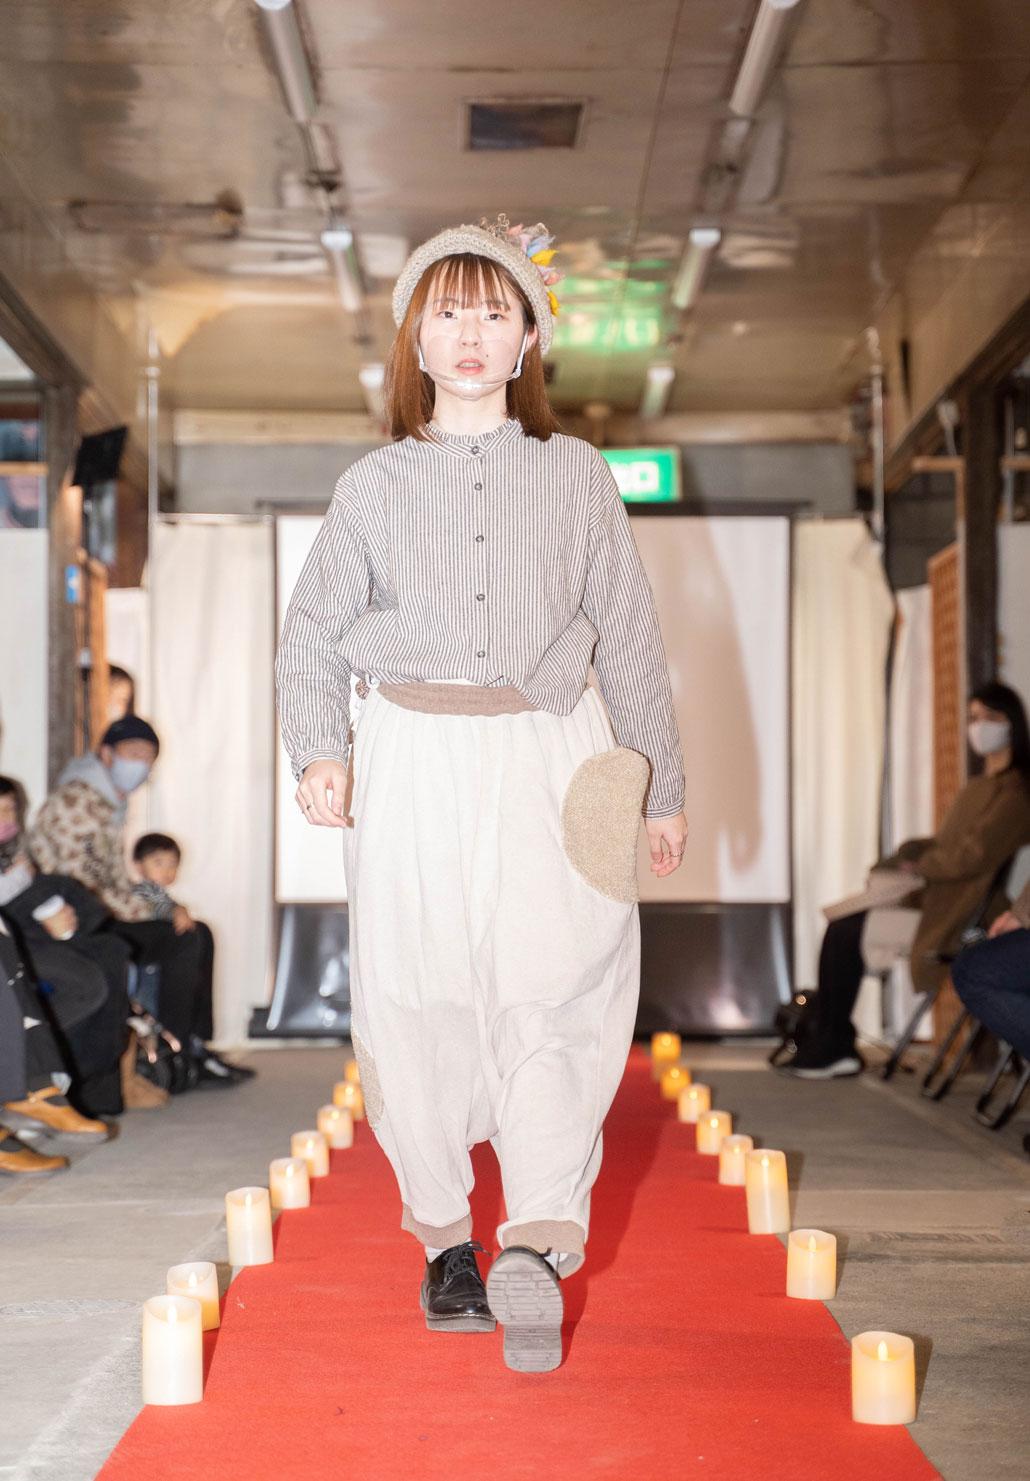 「ねこのしっぽのオンリーワンアイテム LIVE」女性モデルの画像4